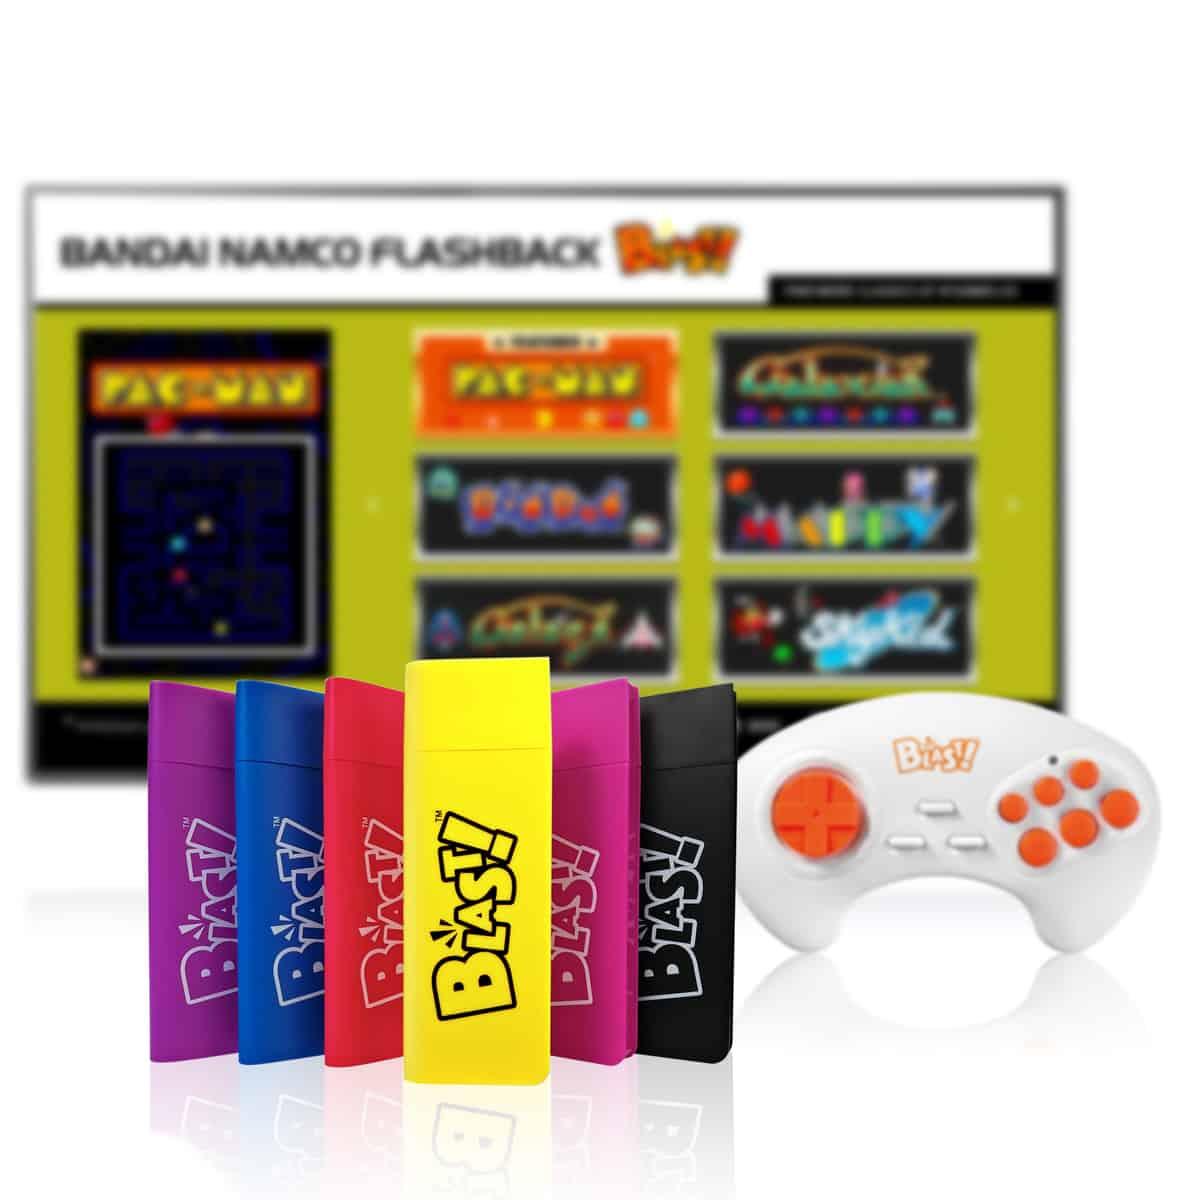 Blast with Bandai Namco menu